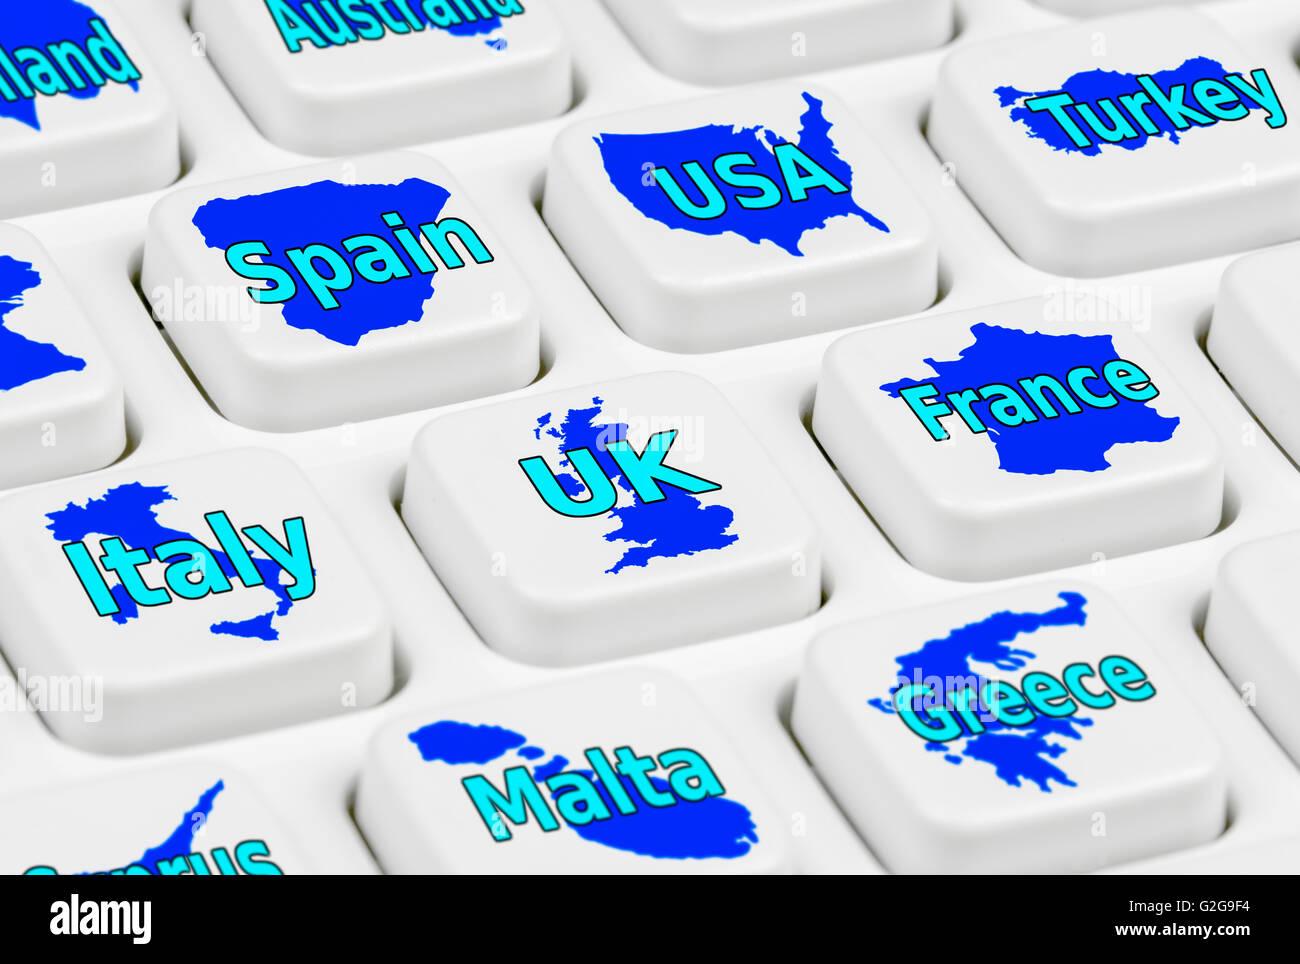 Les voyages. Différents pays de destination sur le clavier d'un ordinateur. Photo Stock